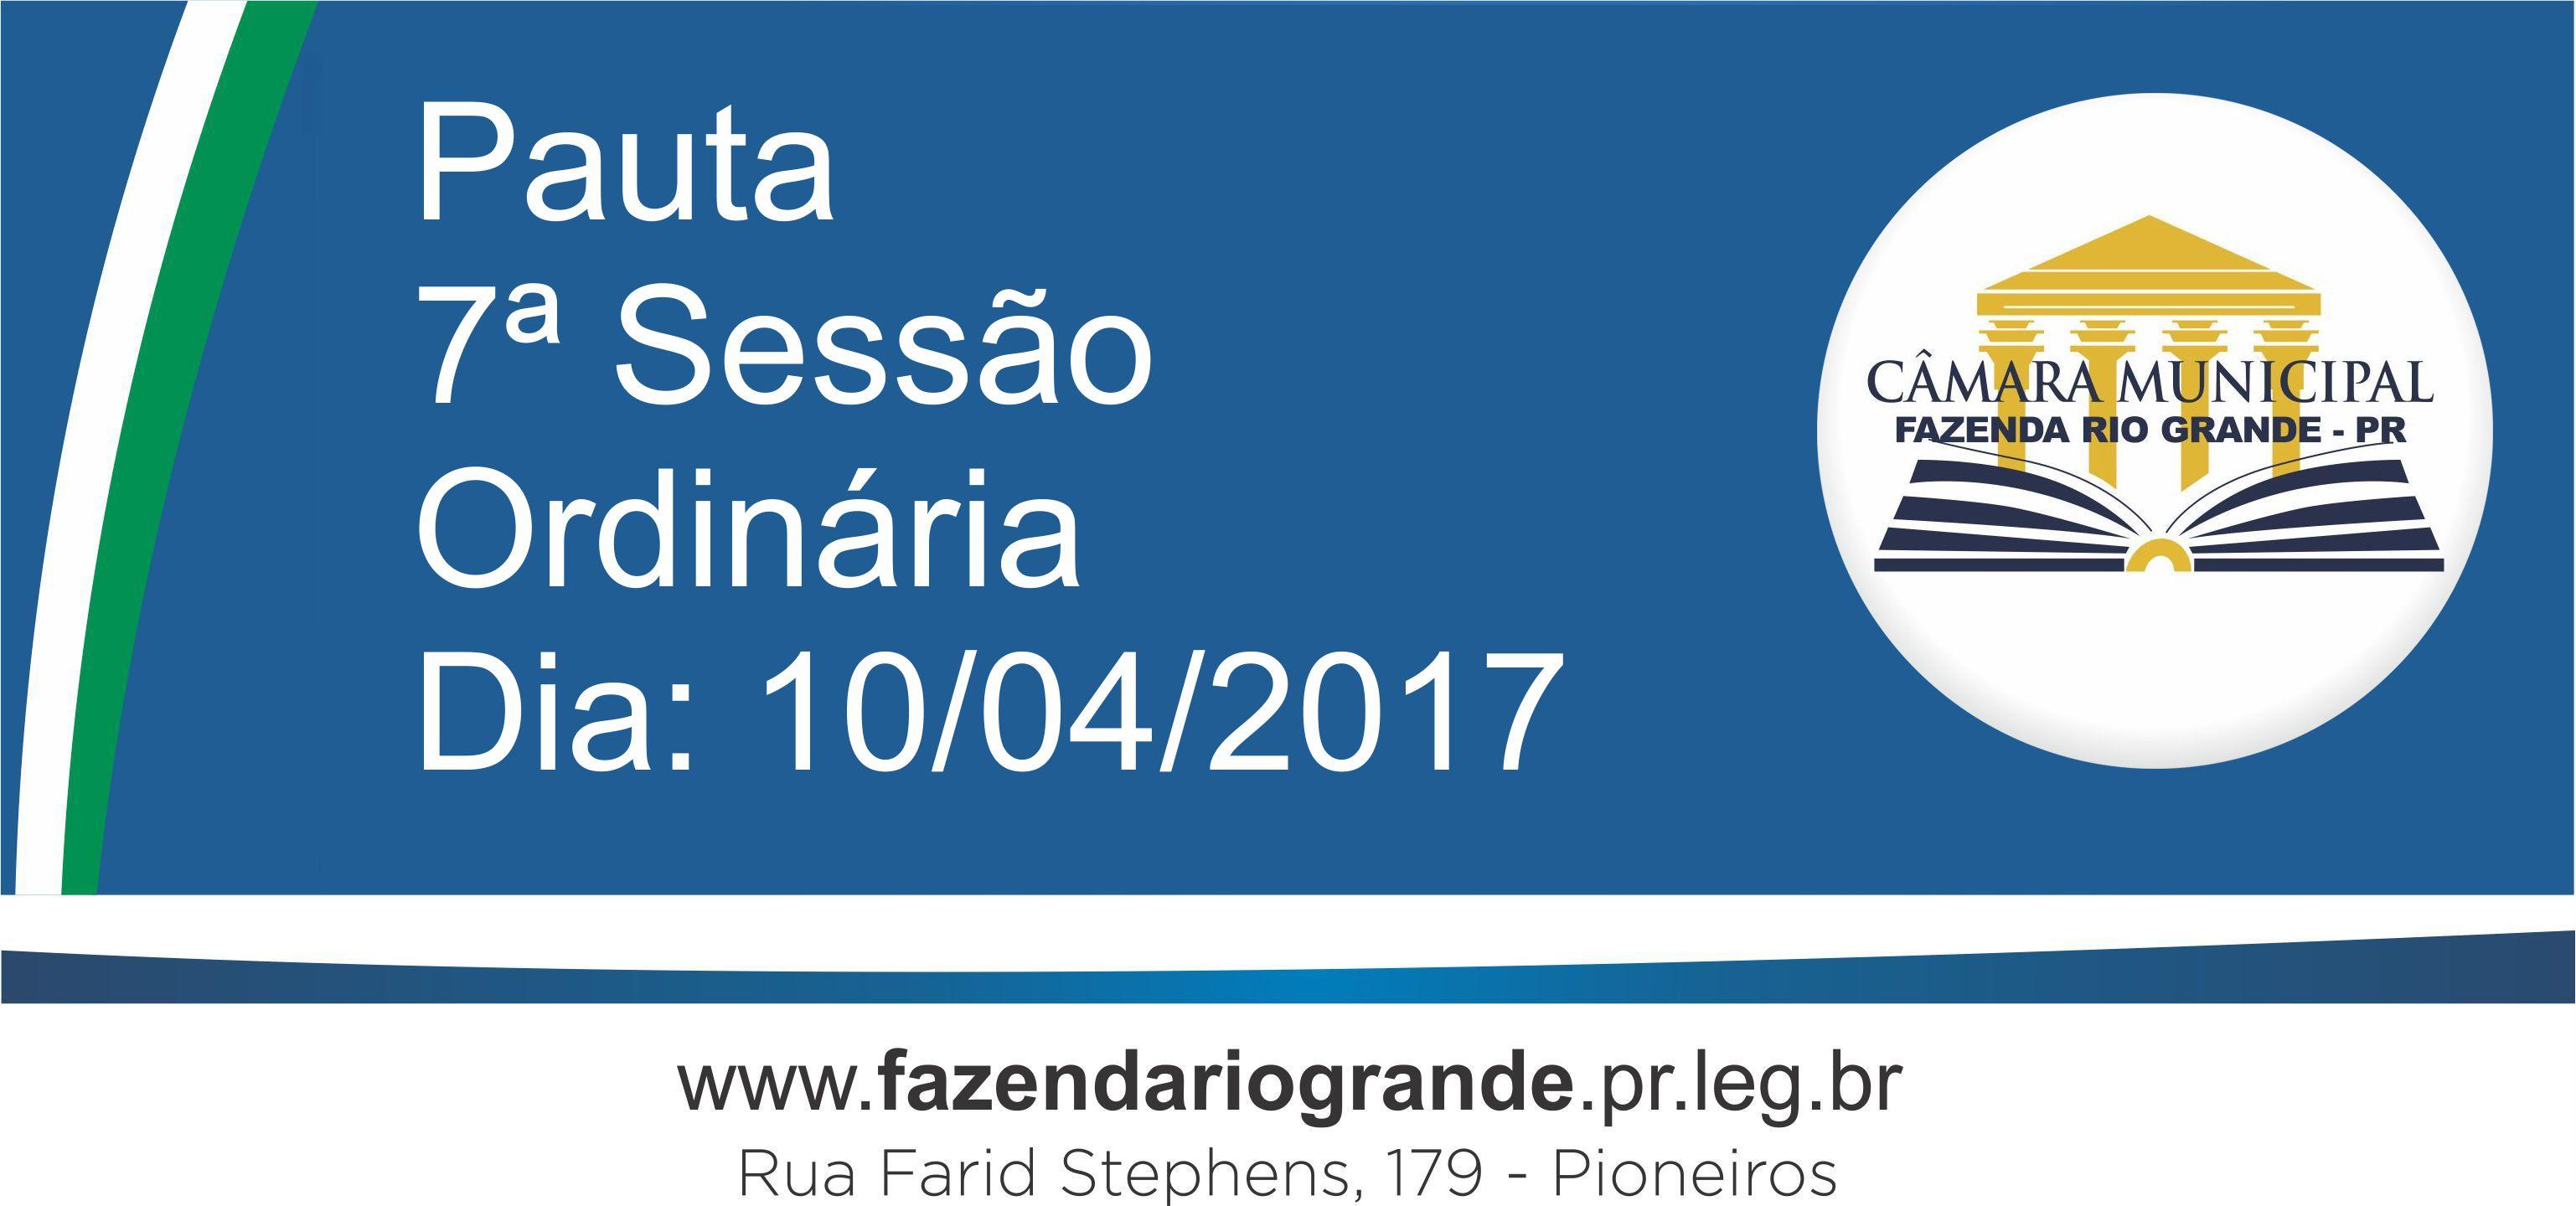 Pauta da 7ª Sessão Ordinária 10/04/2017